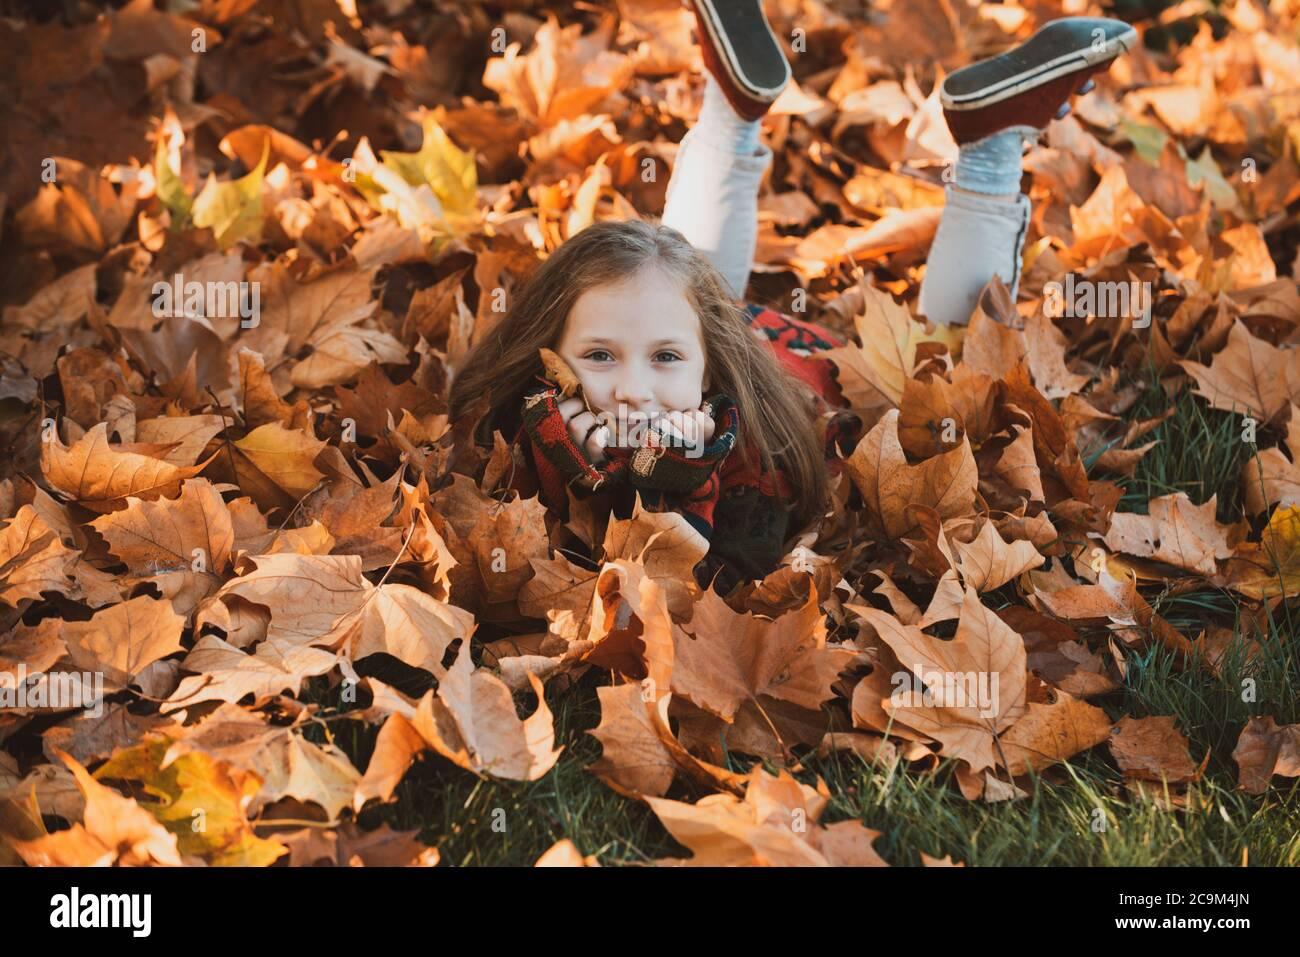 Una chica linda en el parque de otoño. Niña de hojas. Feliz niño riendo y jugando hojas en otoño al aire libre. Hermosa chica feliz que se divierte Foto de stock